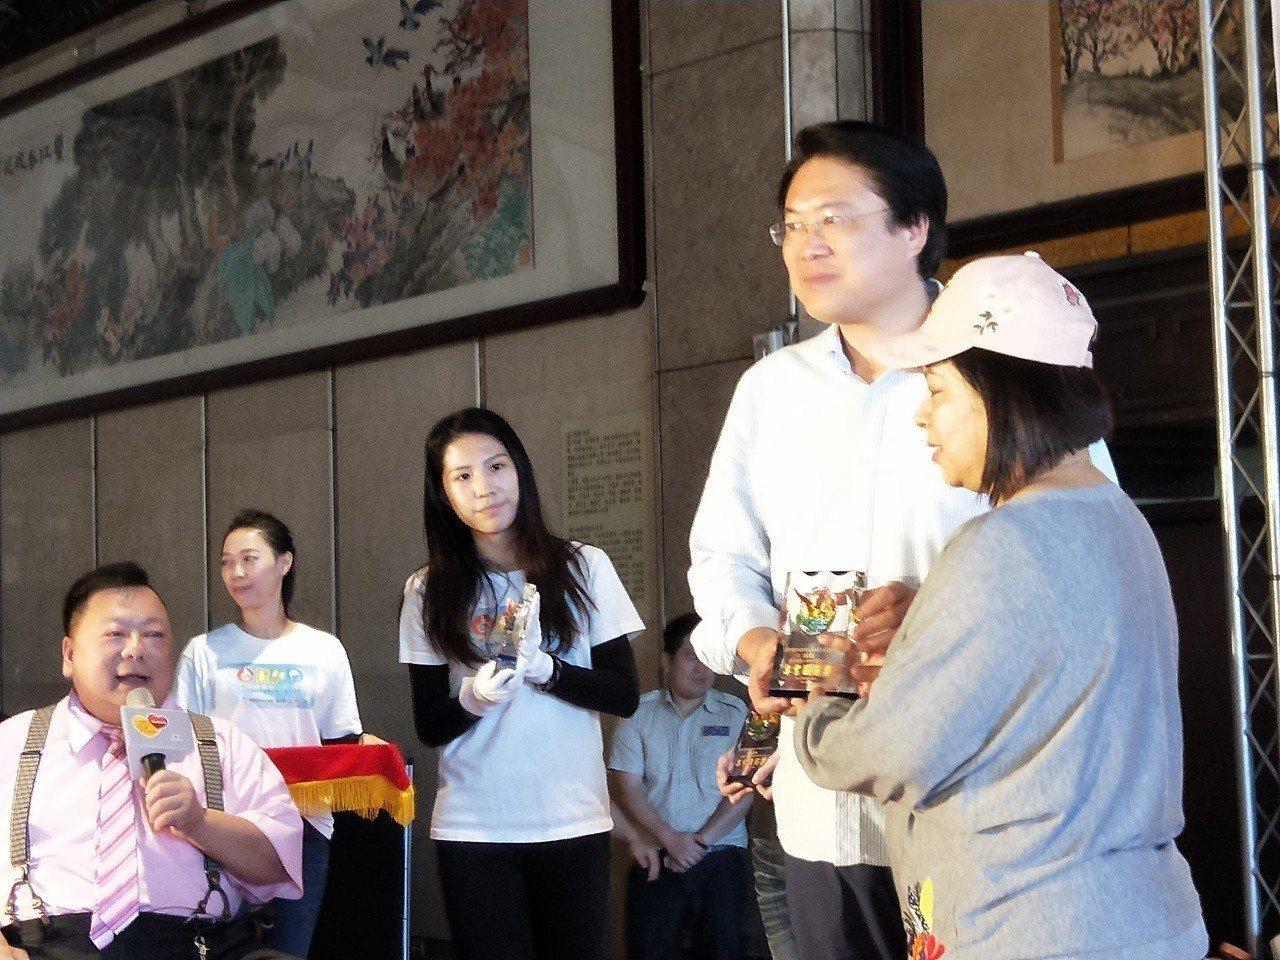 基隆市政府社會處今天在文化中心辦理國障身障日「集聚不一樣、成就大力量」嘉年華活動...